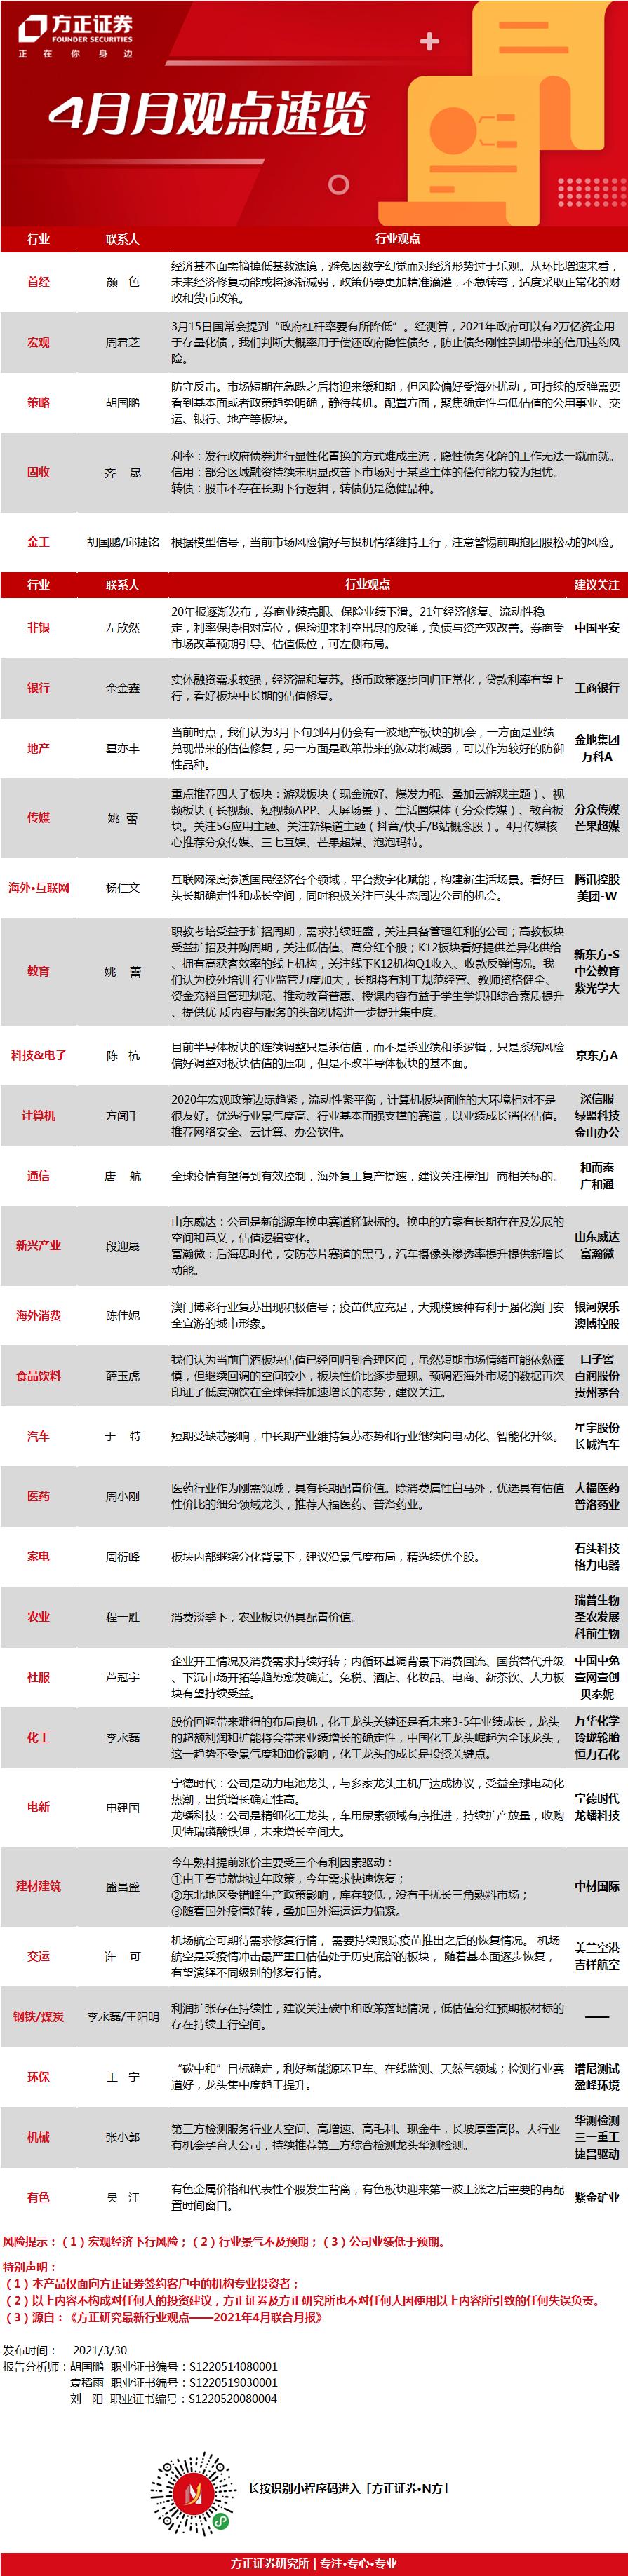 【方正研究】方正证券研究所·30个小组·4月观点速览